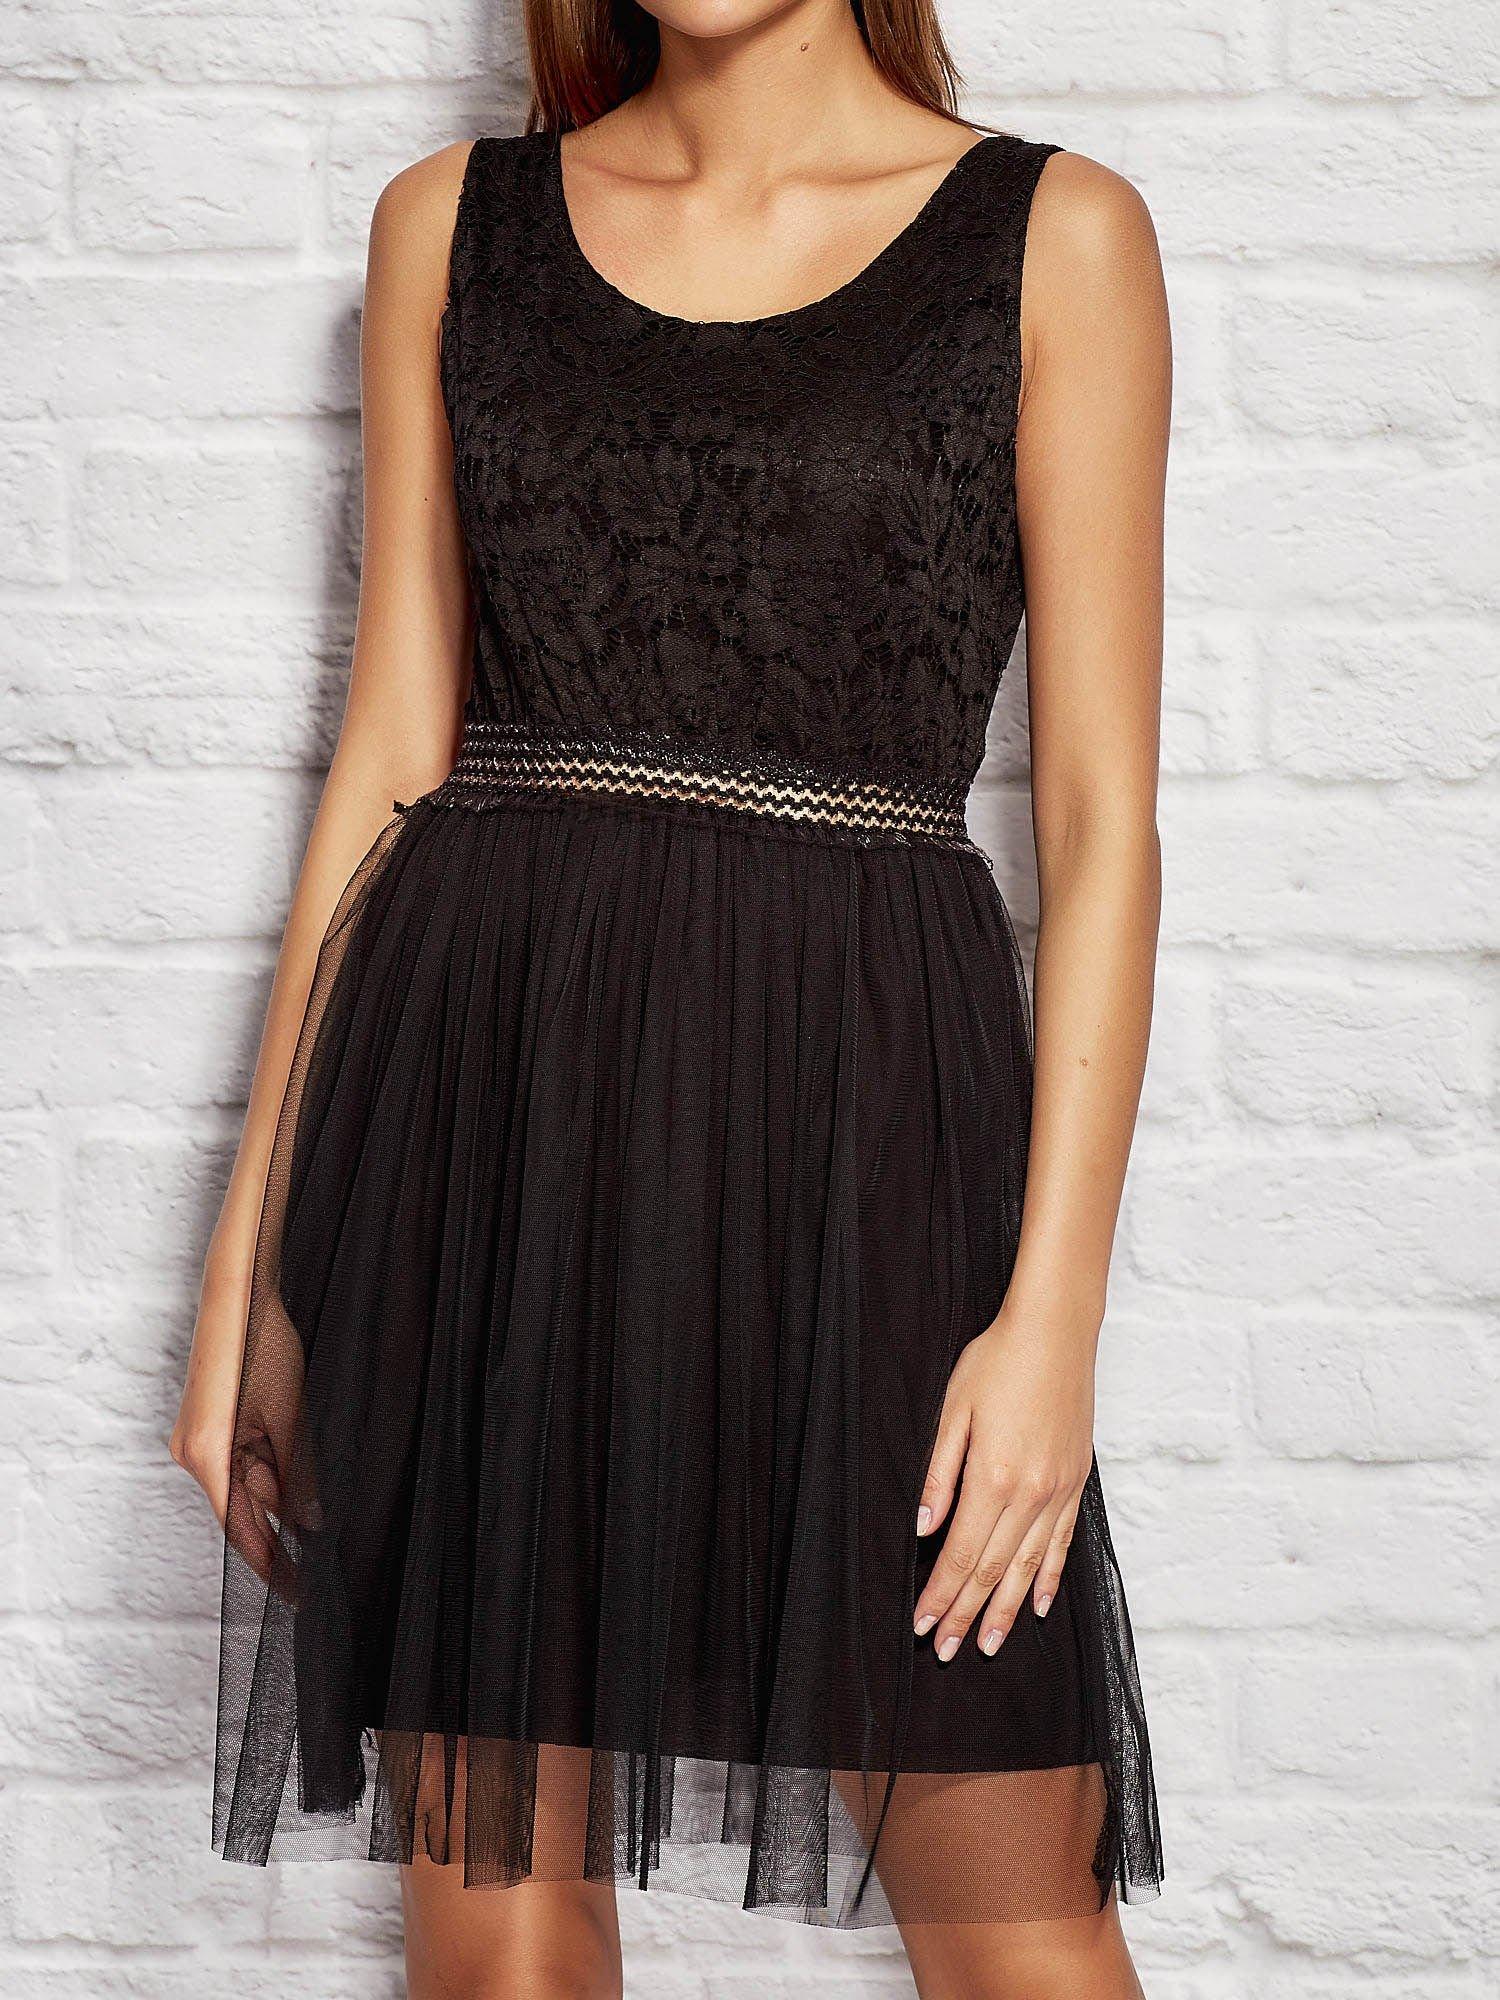 0ccbbb7f84 Sukienka wieczorowa z tiulową spódnicą czarna - Sukienka wieczorowa ...